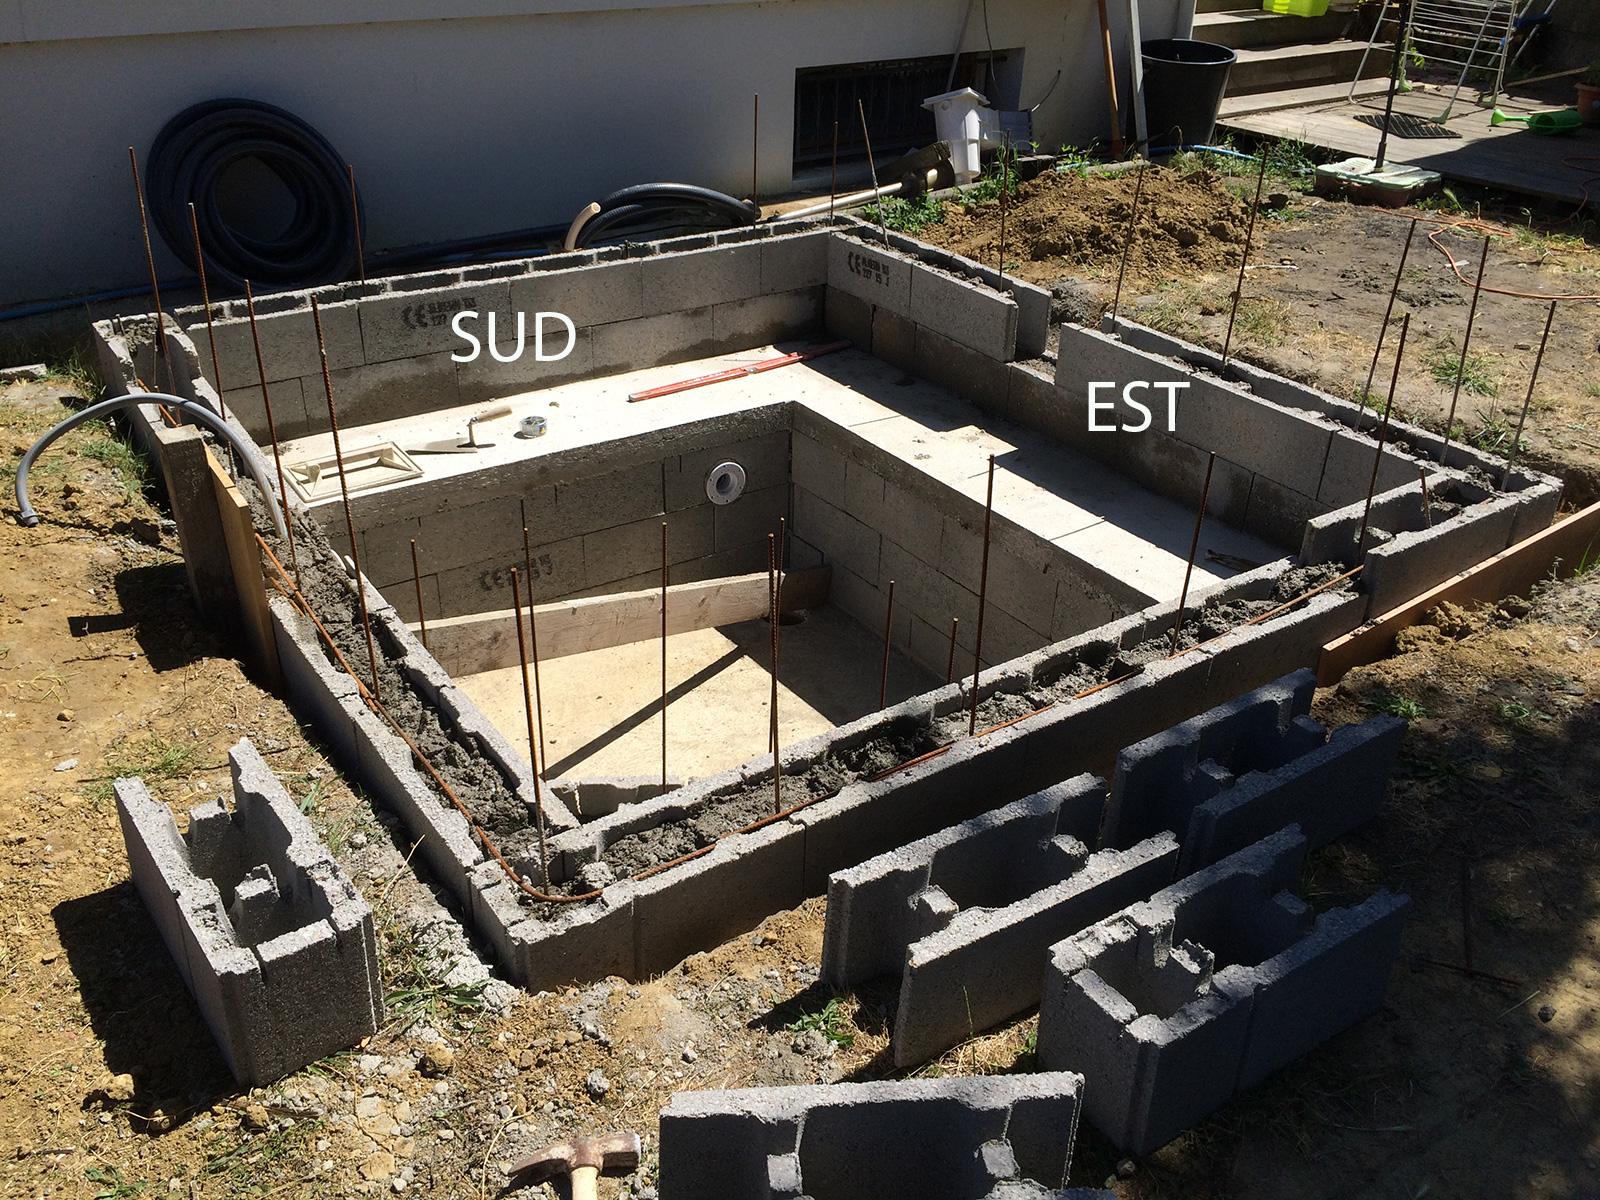 scellement des buses de massage c t est construction d 39 une petite piscine en b ton quip e spa. Black Bedroom Furniture Sets. Home Design Ideas